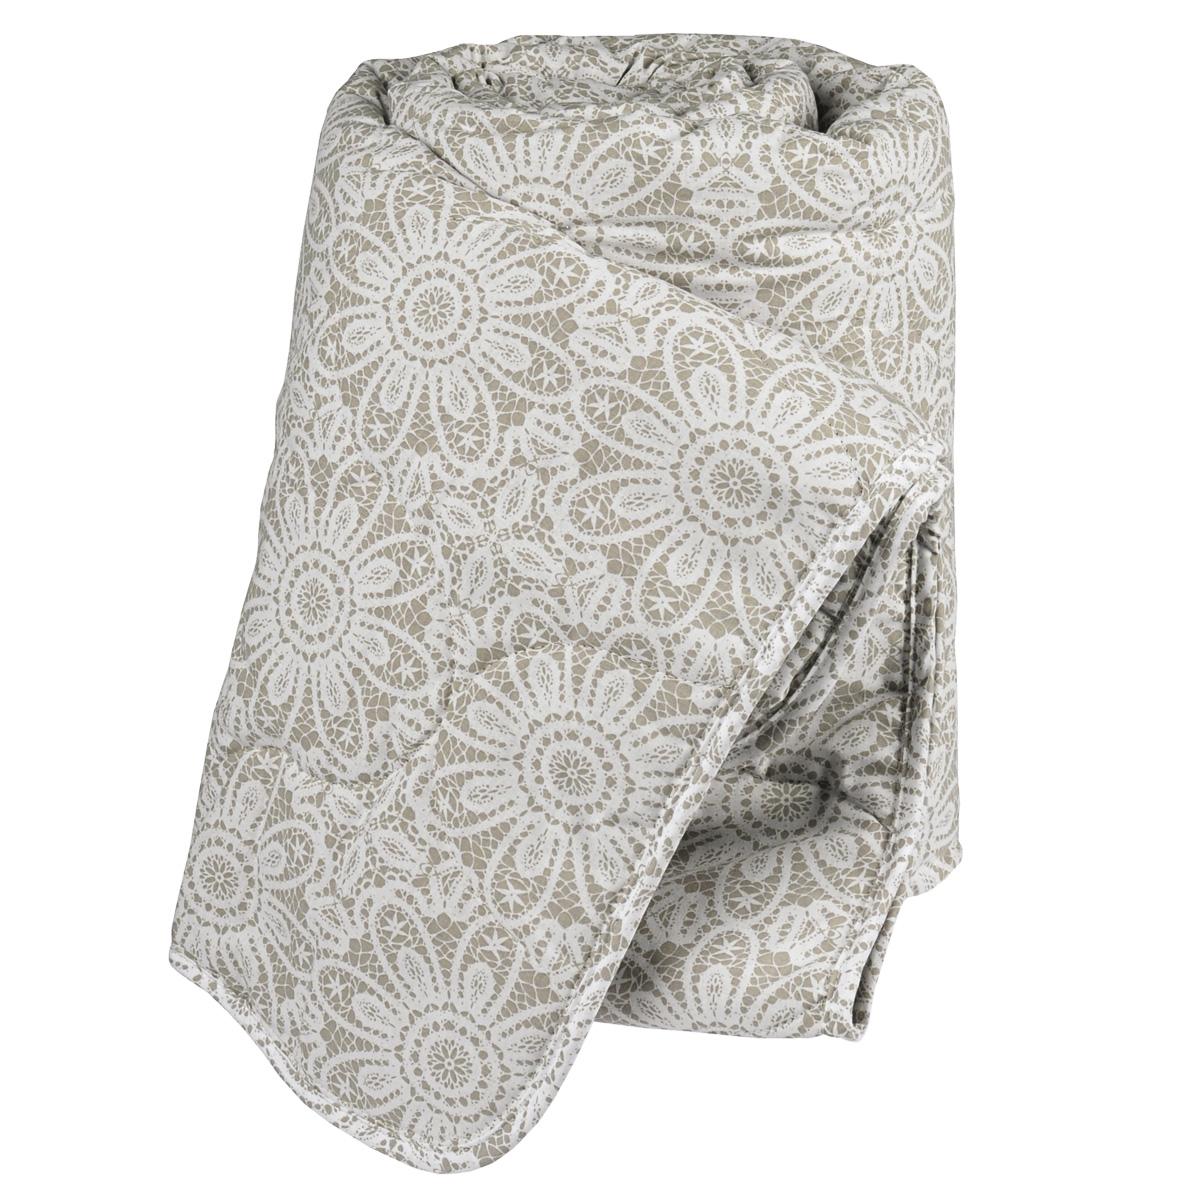 Одеяло Green Line Лен, наполнитель: льняное волокно, 172 х 205 см подушка green line лен наполнитель льняное волокно 70 х 70 см